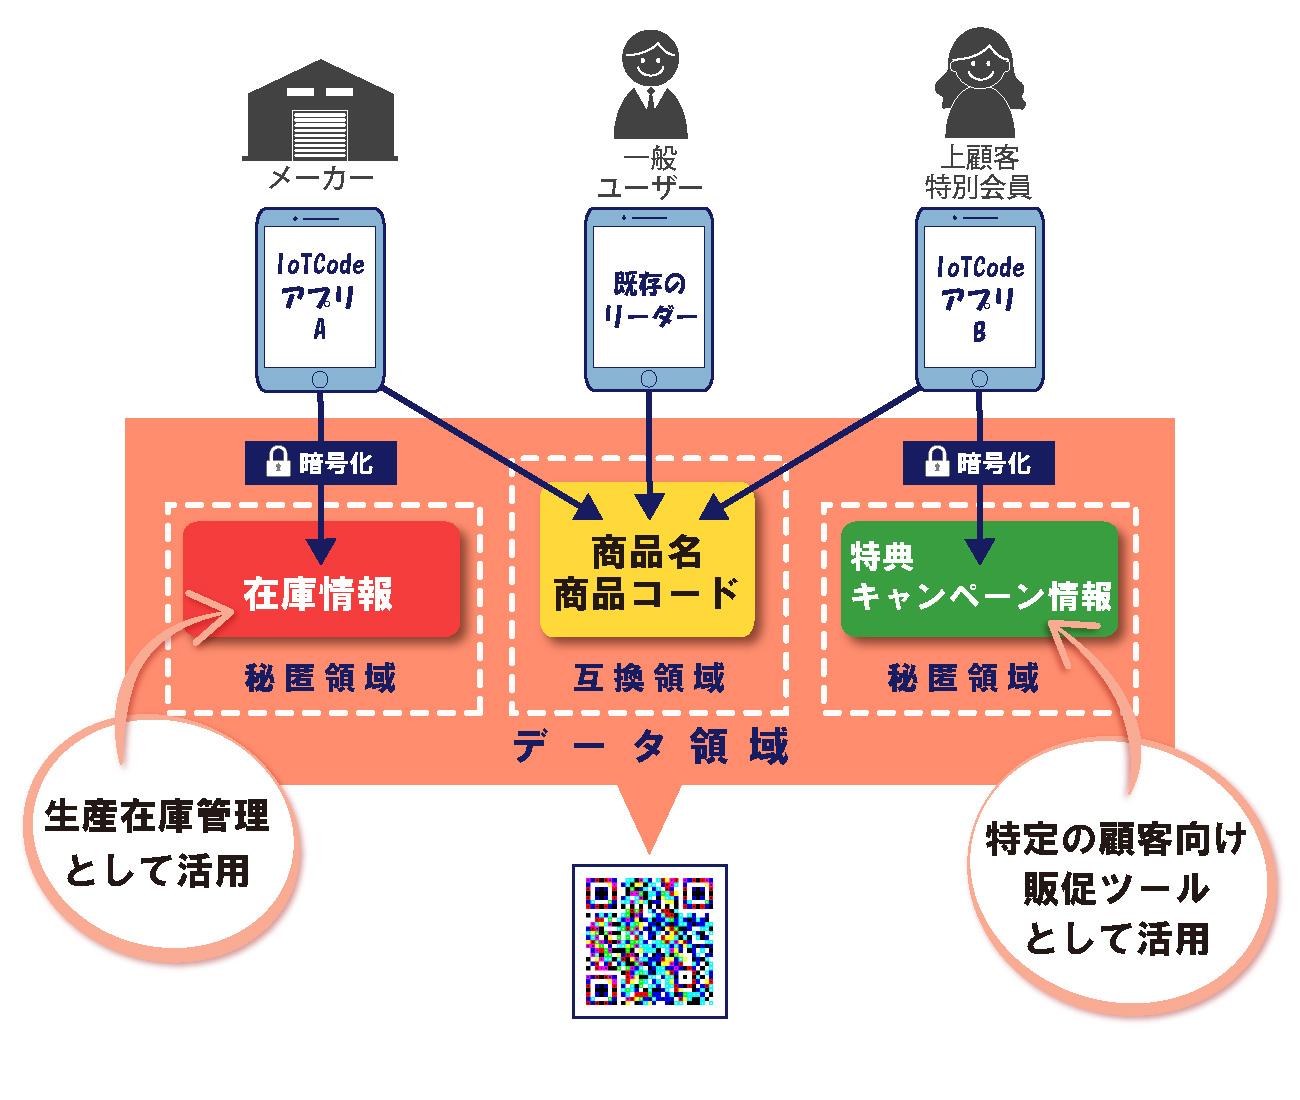 一つのコードで商品のトレーサビリティや多様なお客様への情報提供を実現するIoTCodeソリューションの秘匿性とアクセス制御の説明